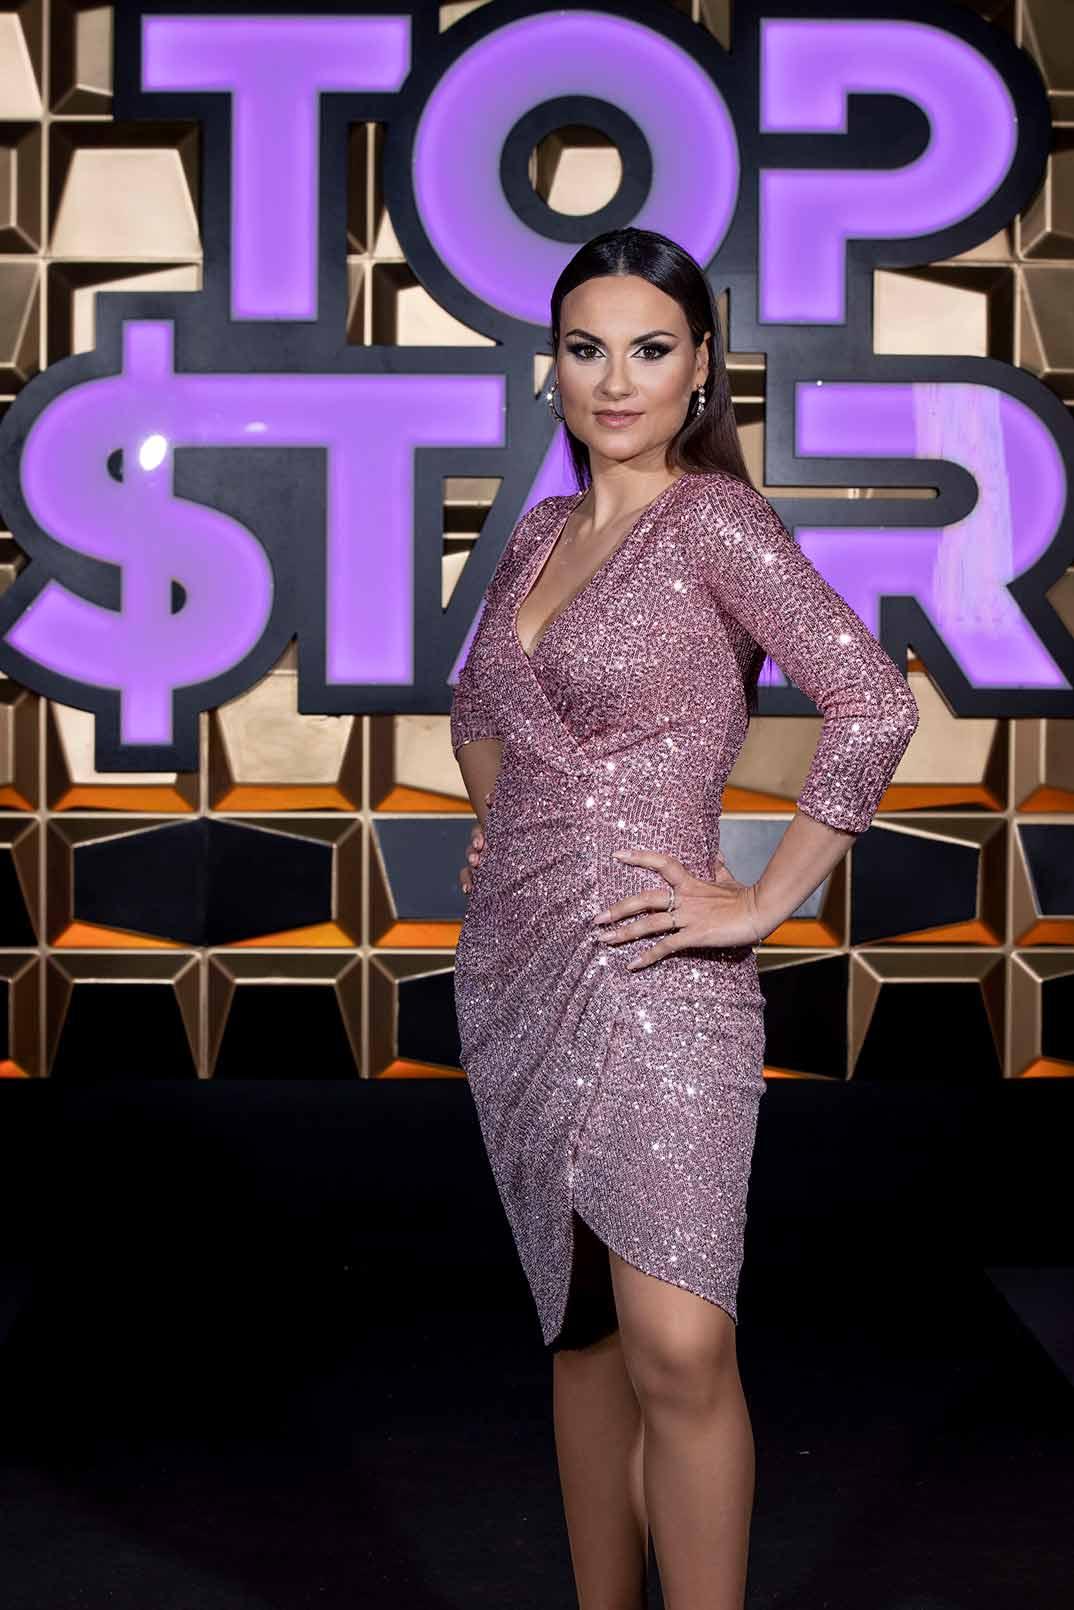 María Jesús López - Top Star © Telecinco